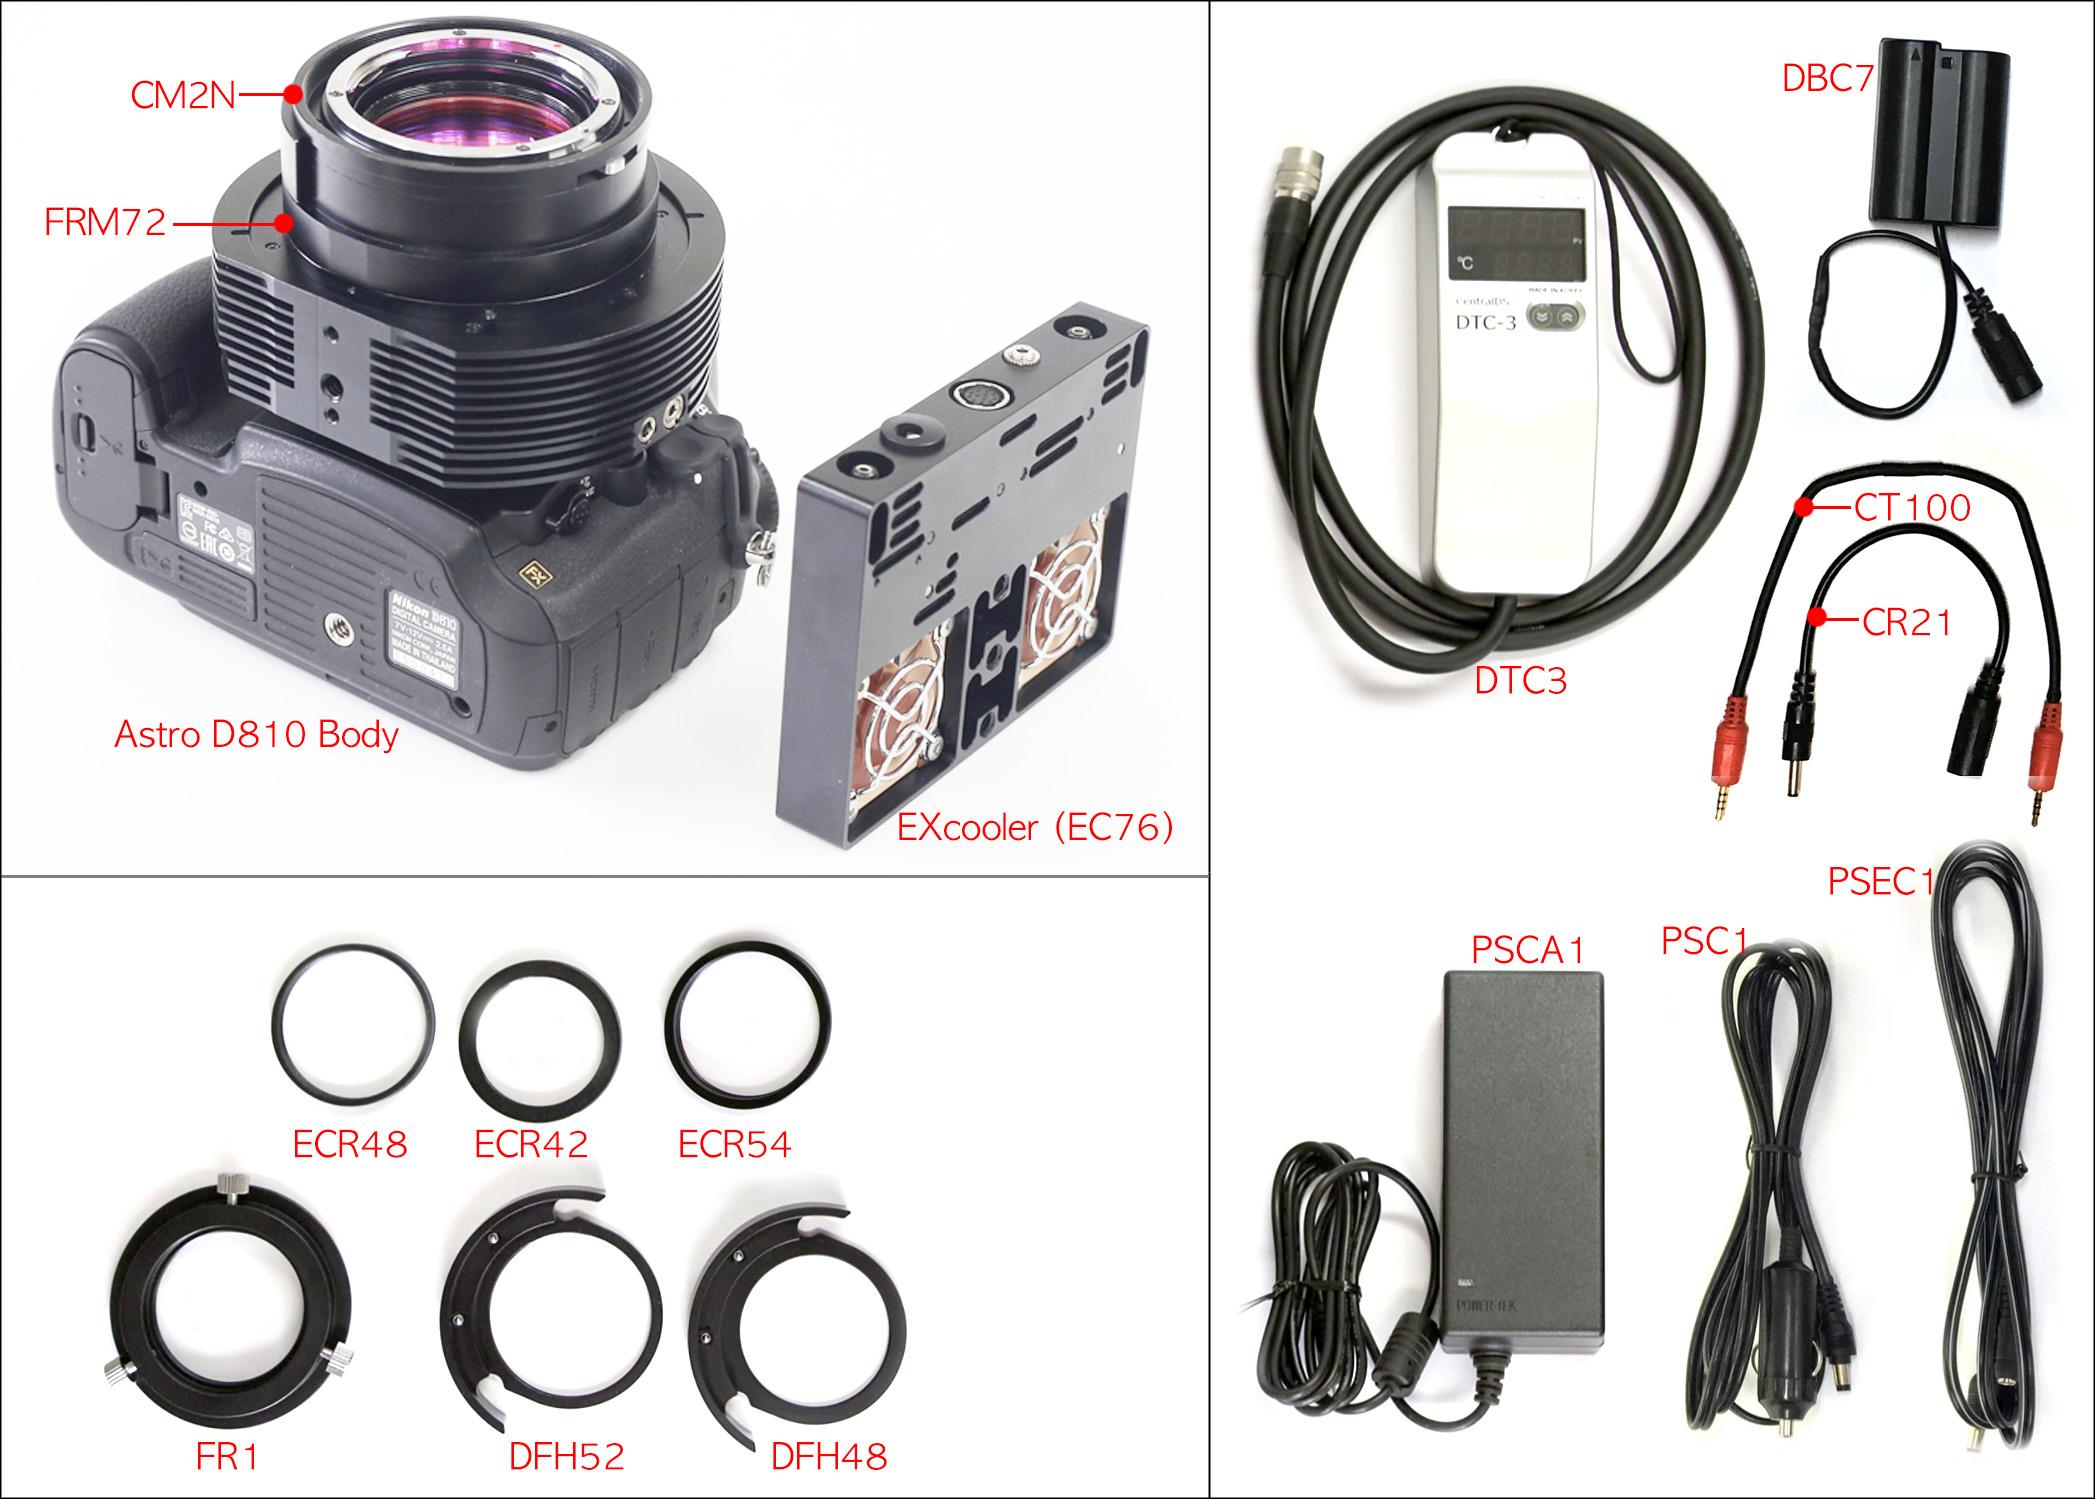 Astro D810 Cooled Nikon Dslrs Camera Parts Diagram Dslr Quantity